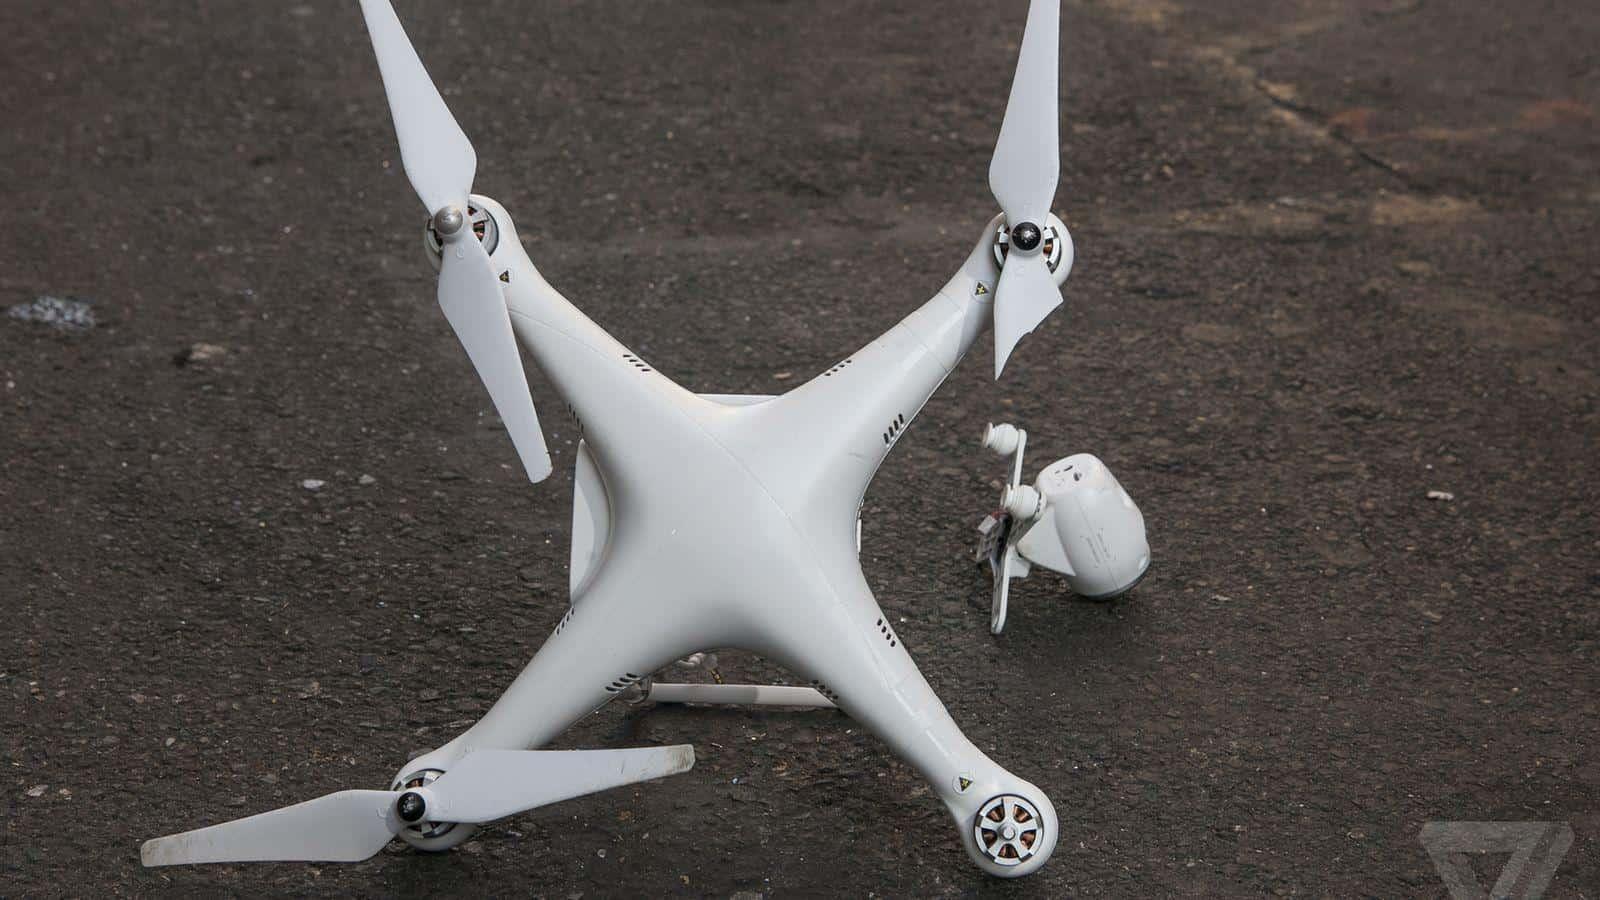 Un homme emprisonné pour avoir accidentellement blessé une femme avec un drone